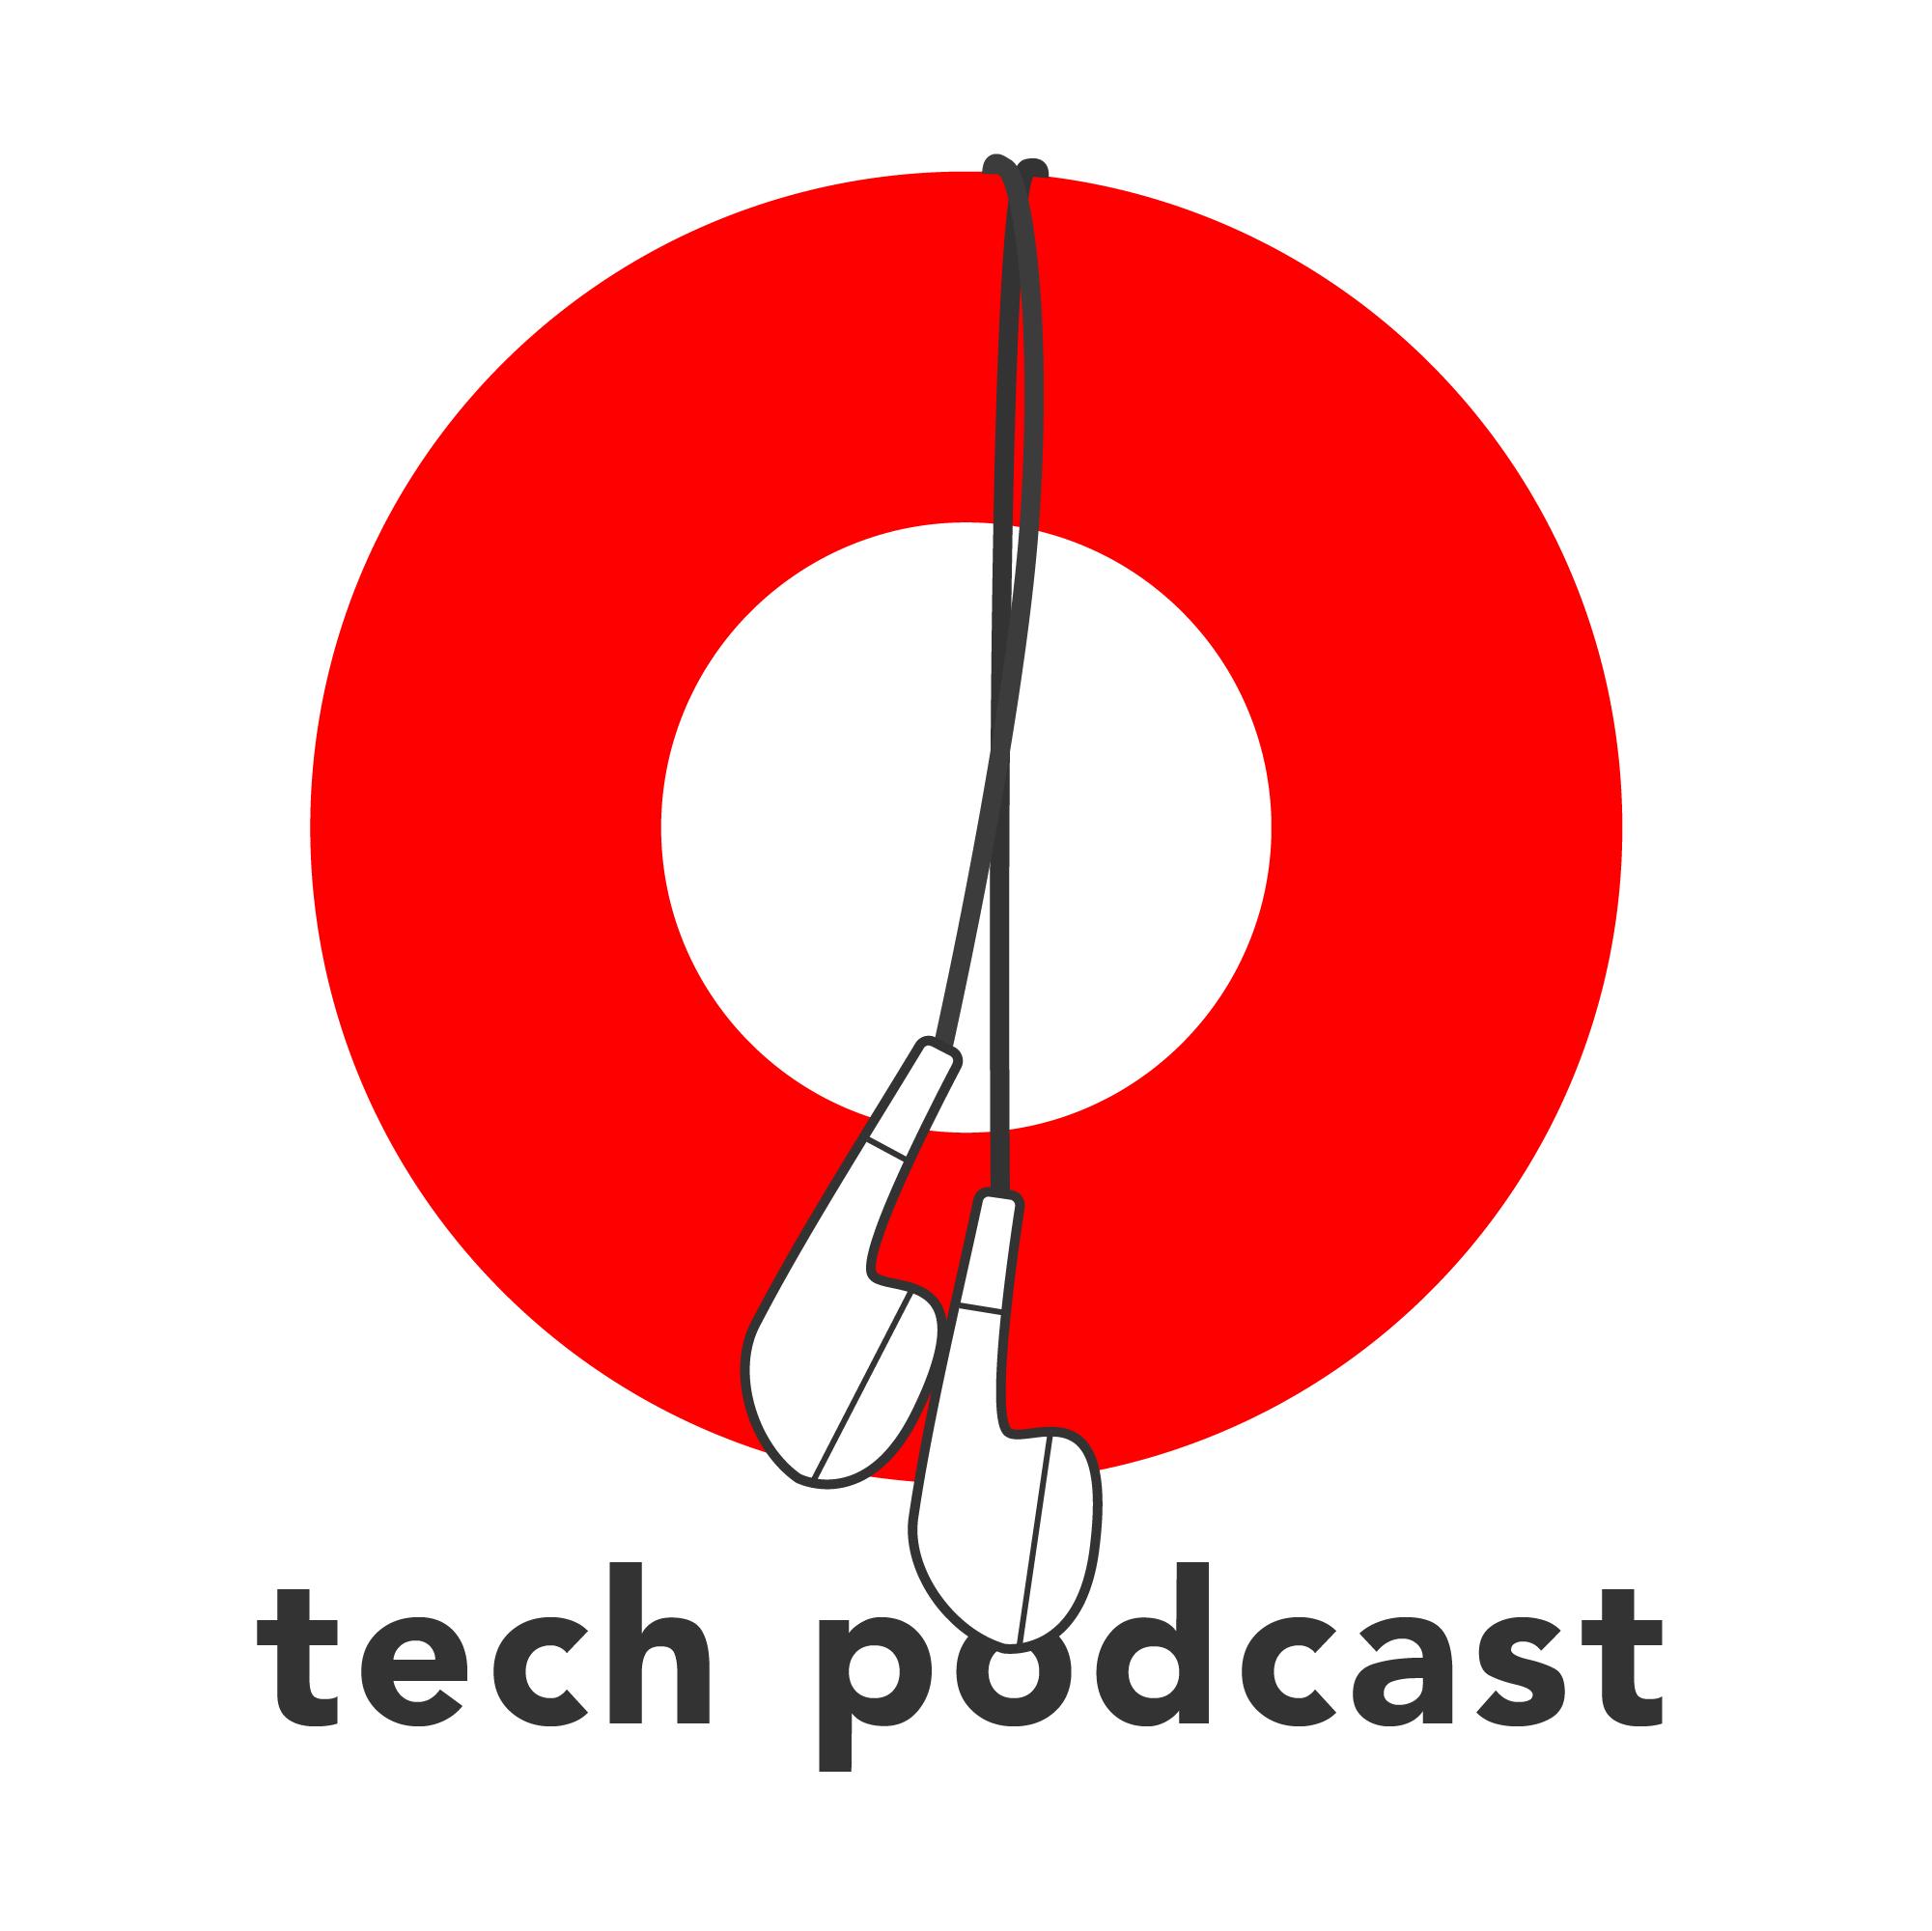 NOS op 3 Tech Podcast: Pokémon gekte en genaaid worden door datingsites